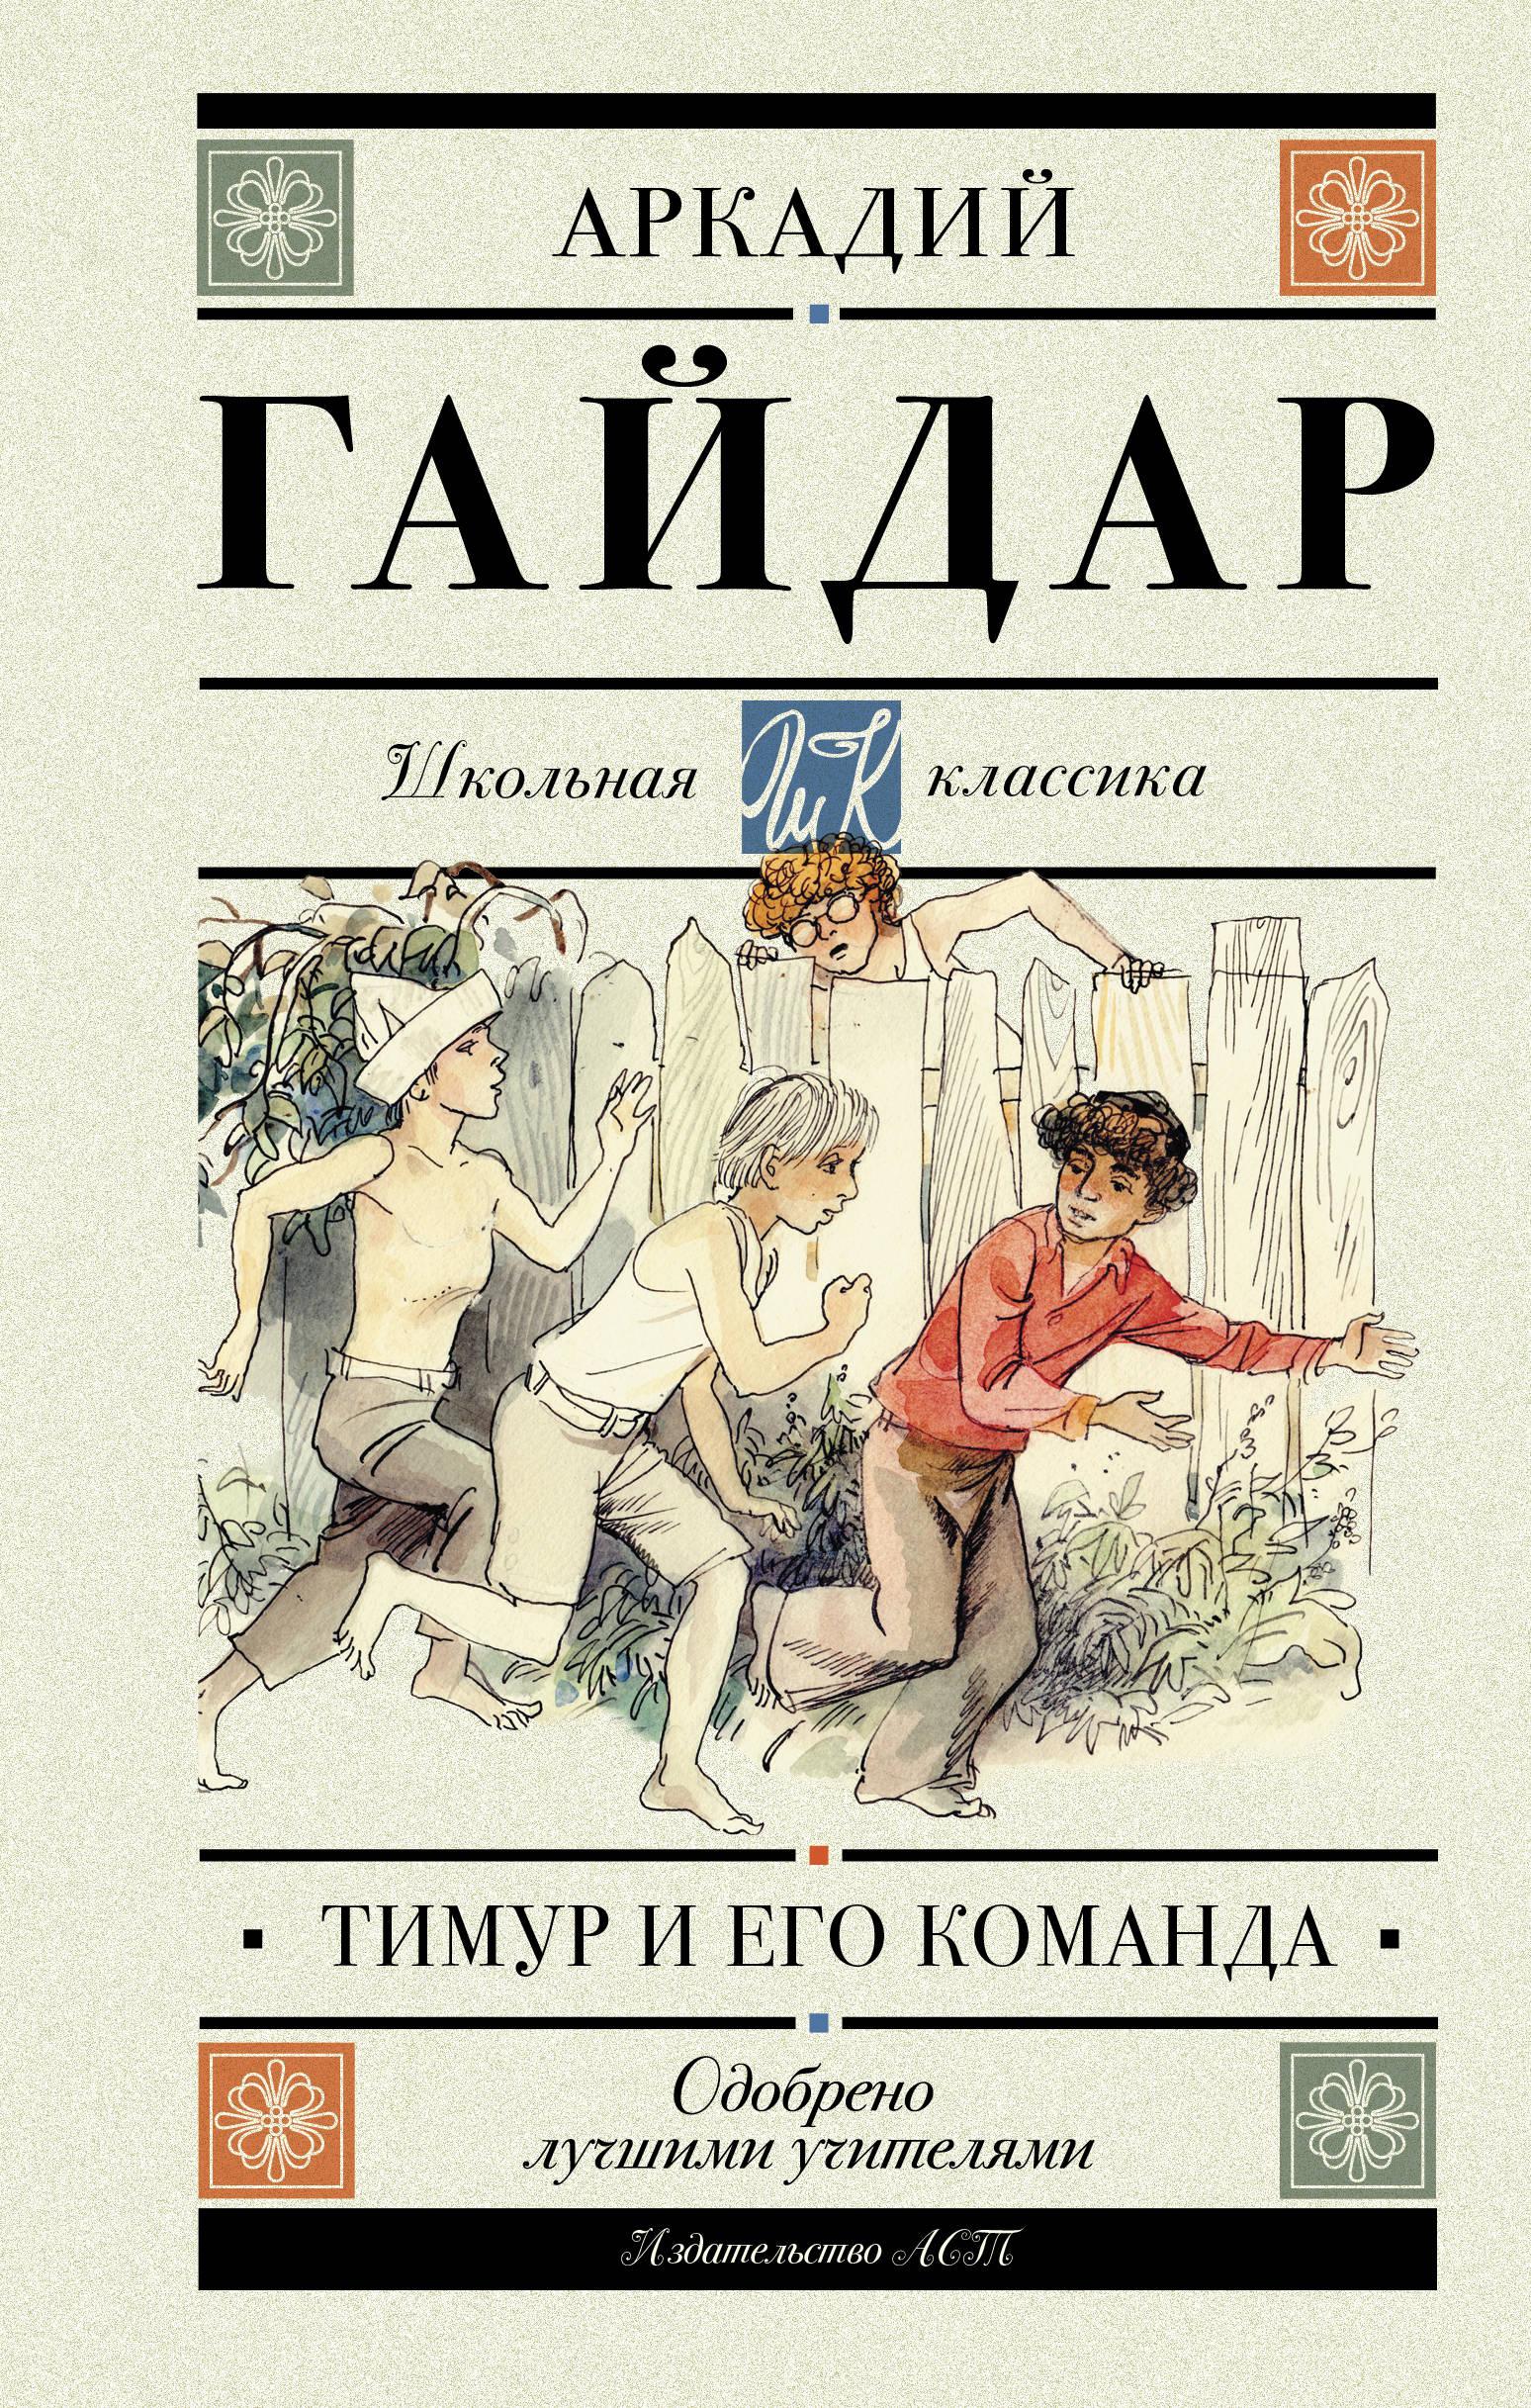 Гайдар Аркадий Петрович Тимур и его команда (для АШАН)